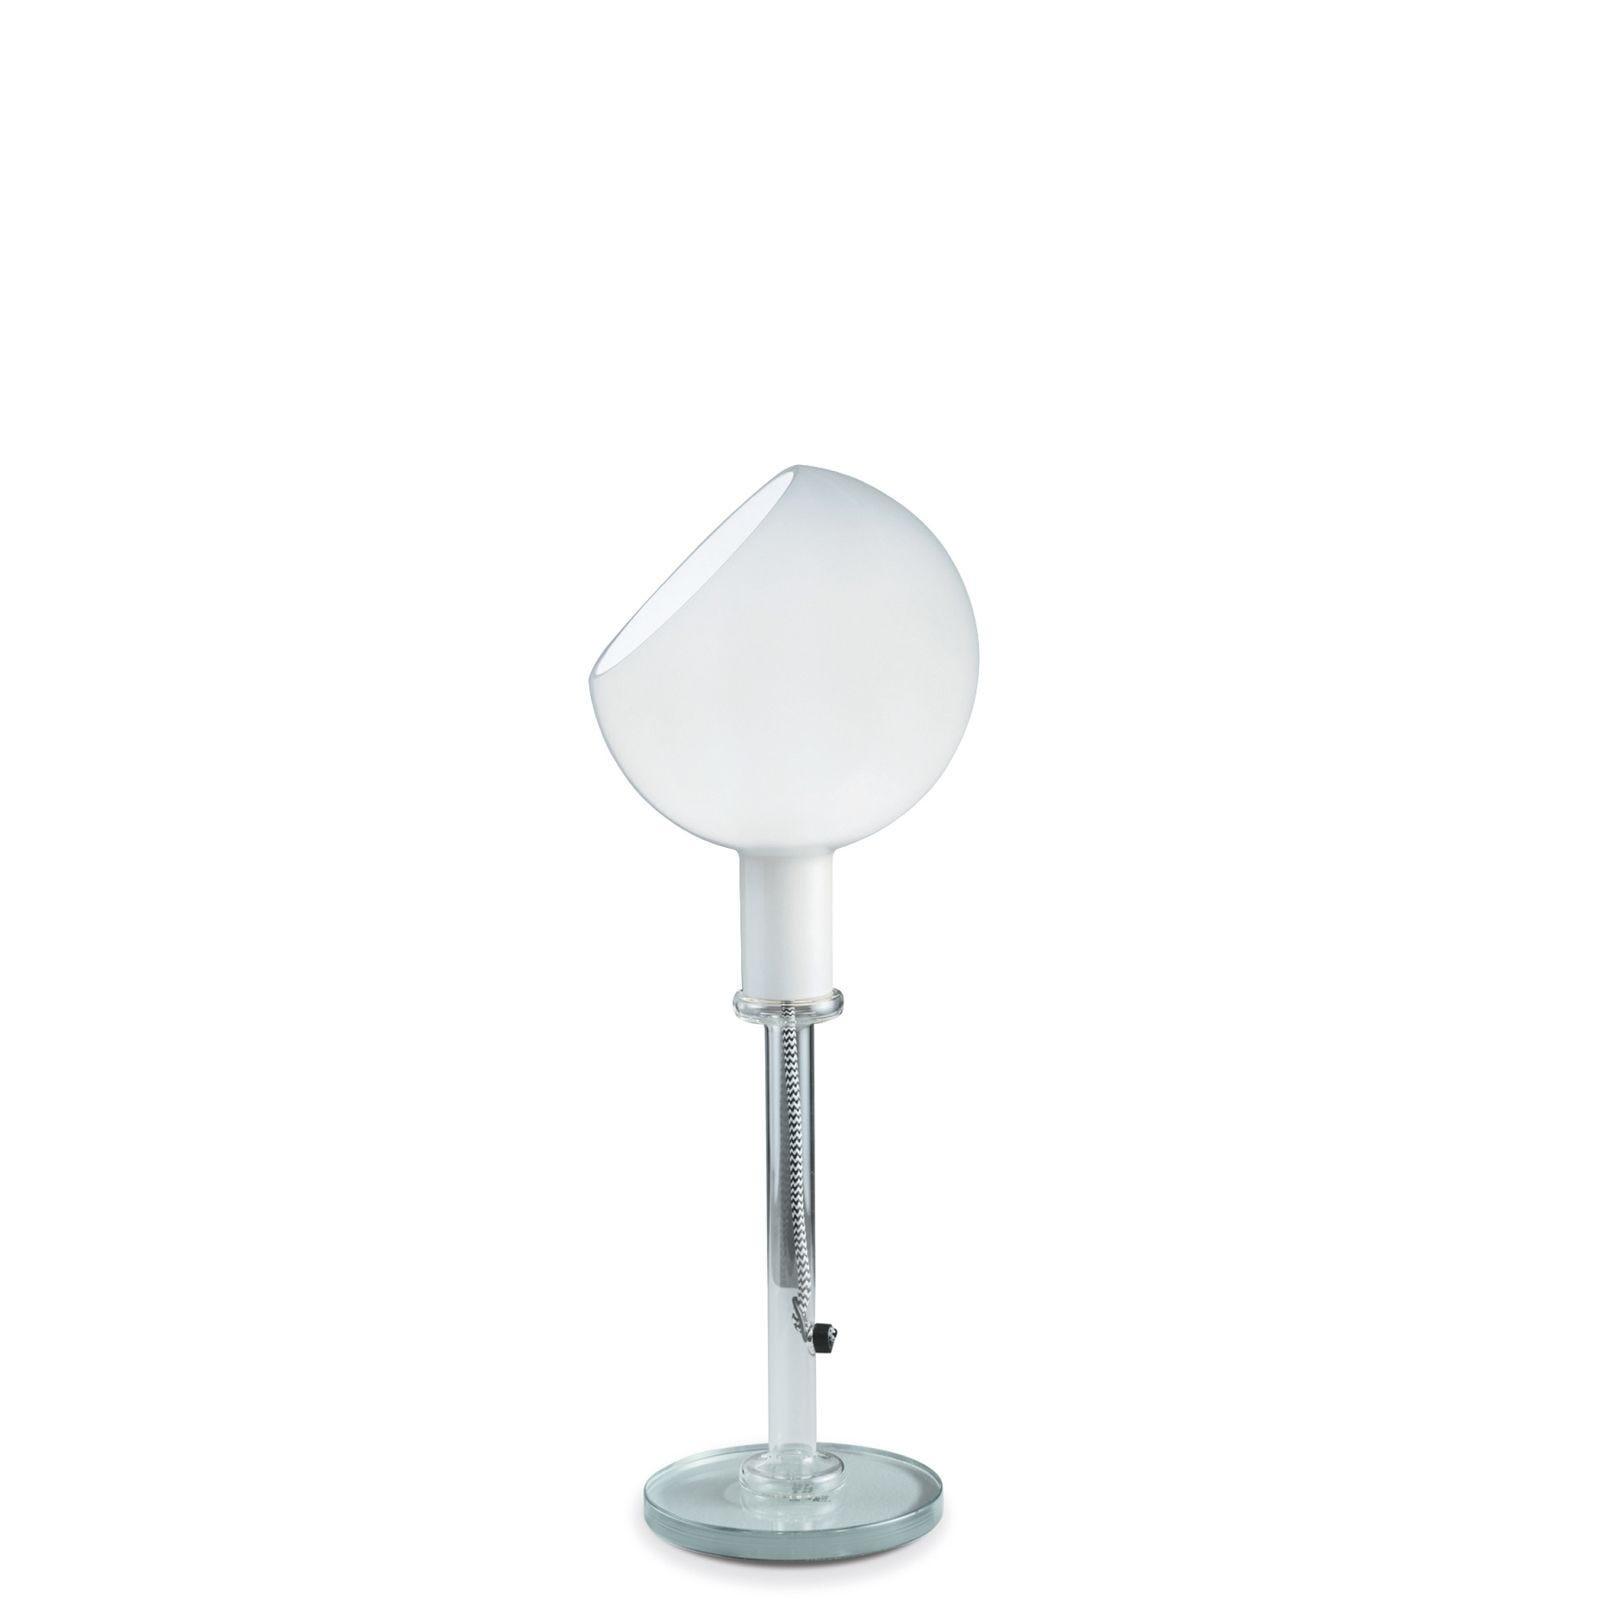 Parola table